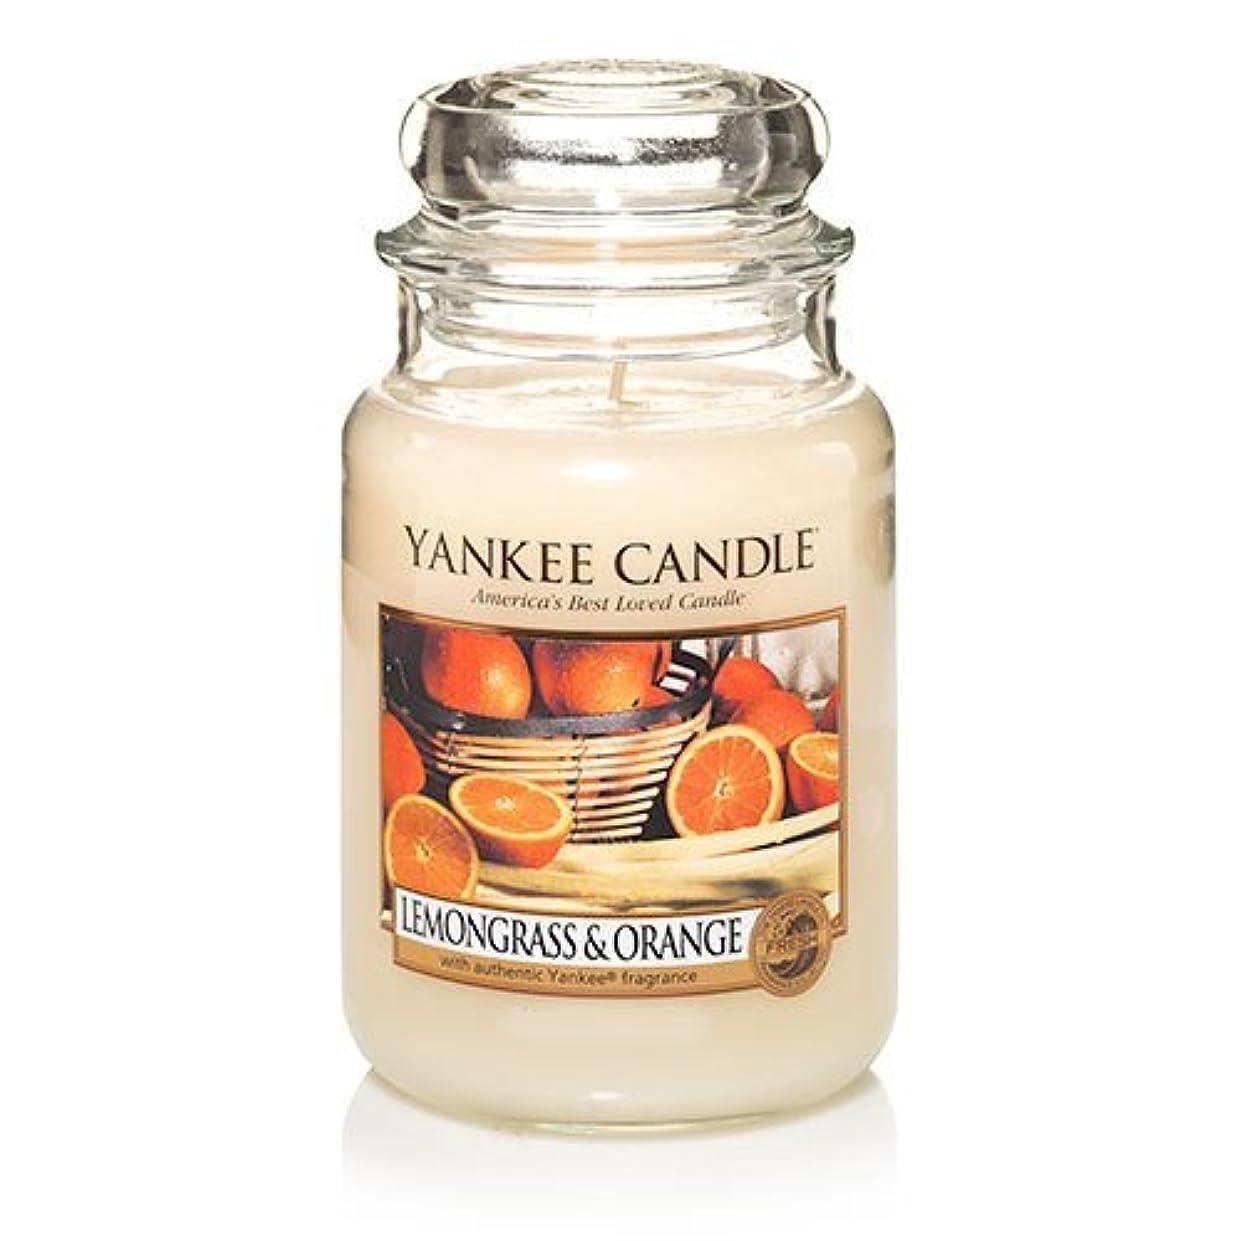 たっぷり暗殺者申請者Yankee Candle Lemongrass & Orange - 22oz Large Housewarmer Jar by Yankee Candle [並行輸入品]